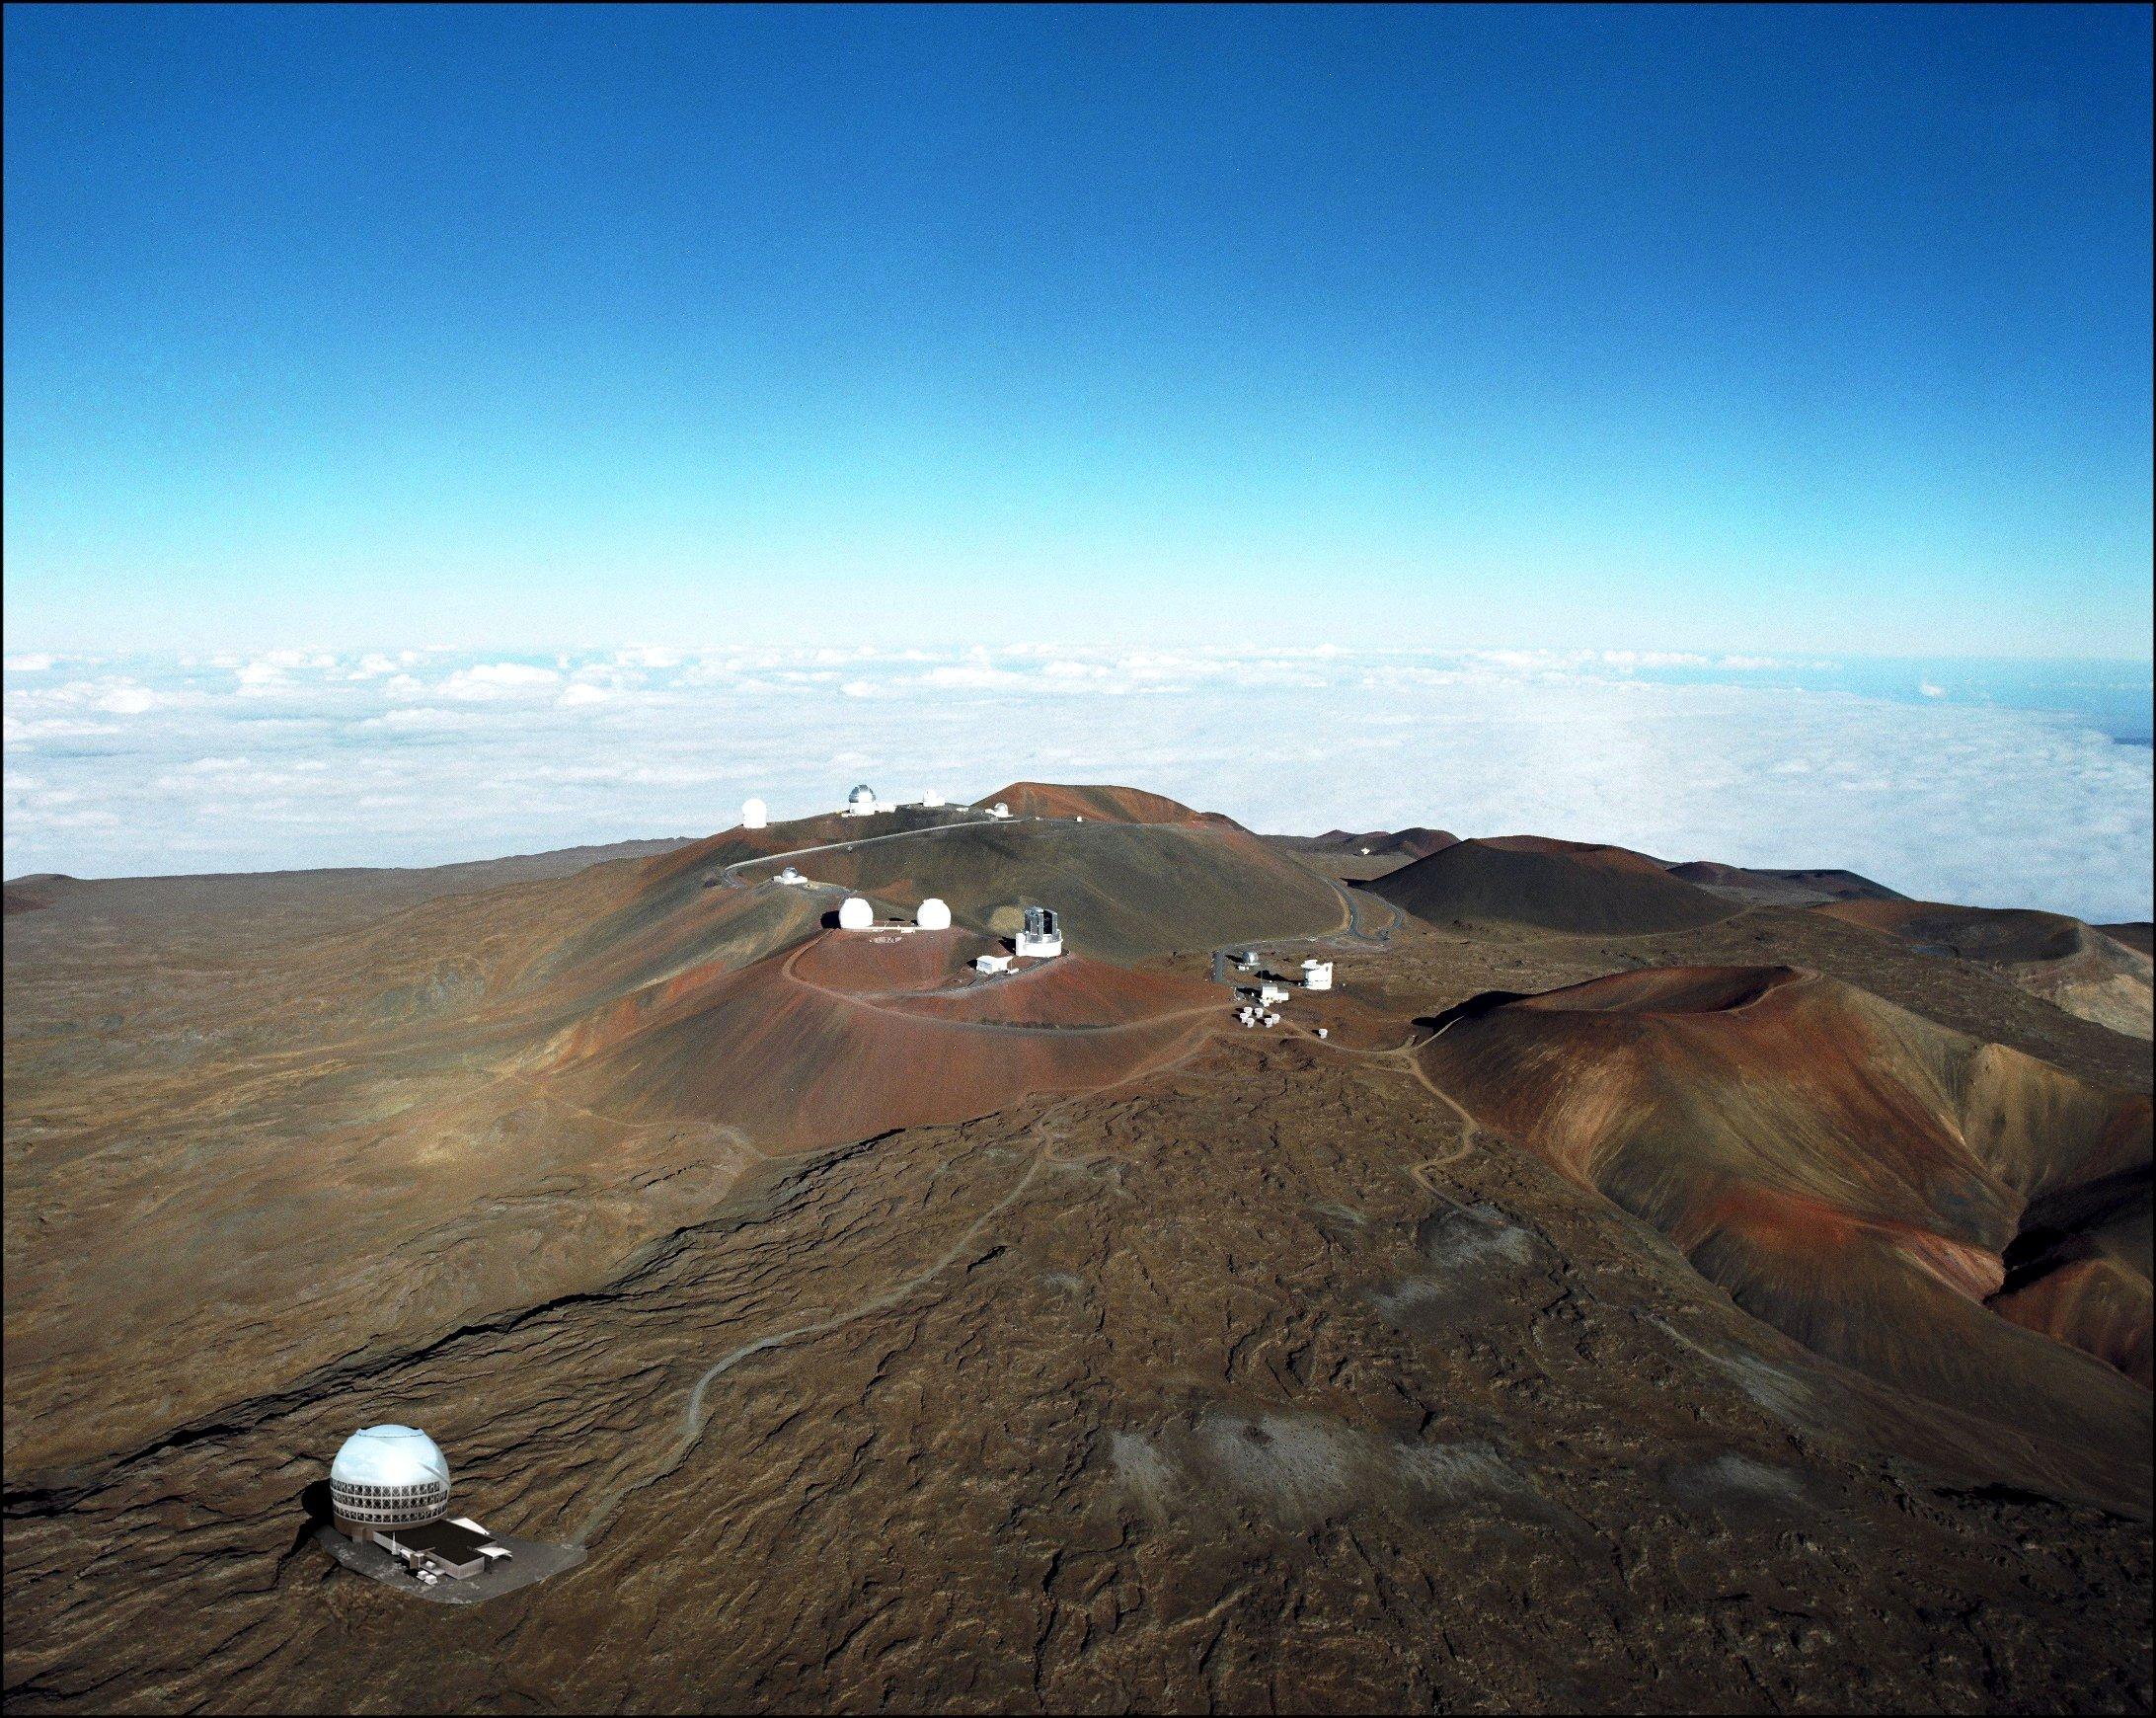 Wegen seiner dünnen und trockenen Luft ist der Mauna Kea, der höchste Berg Hawaiis, ein beliebter Standort für Teleskope.Seit 1968 sind in der Gipfelregion schon 13 kleinere Teleskope gebaut worden.